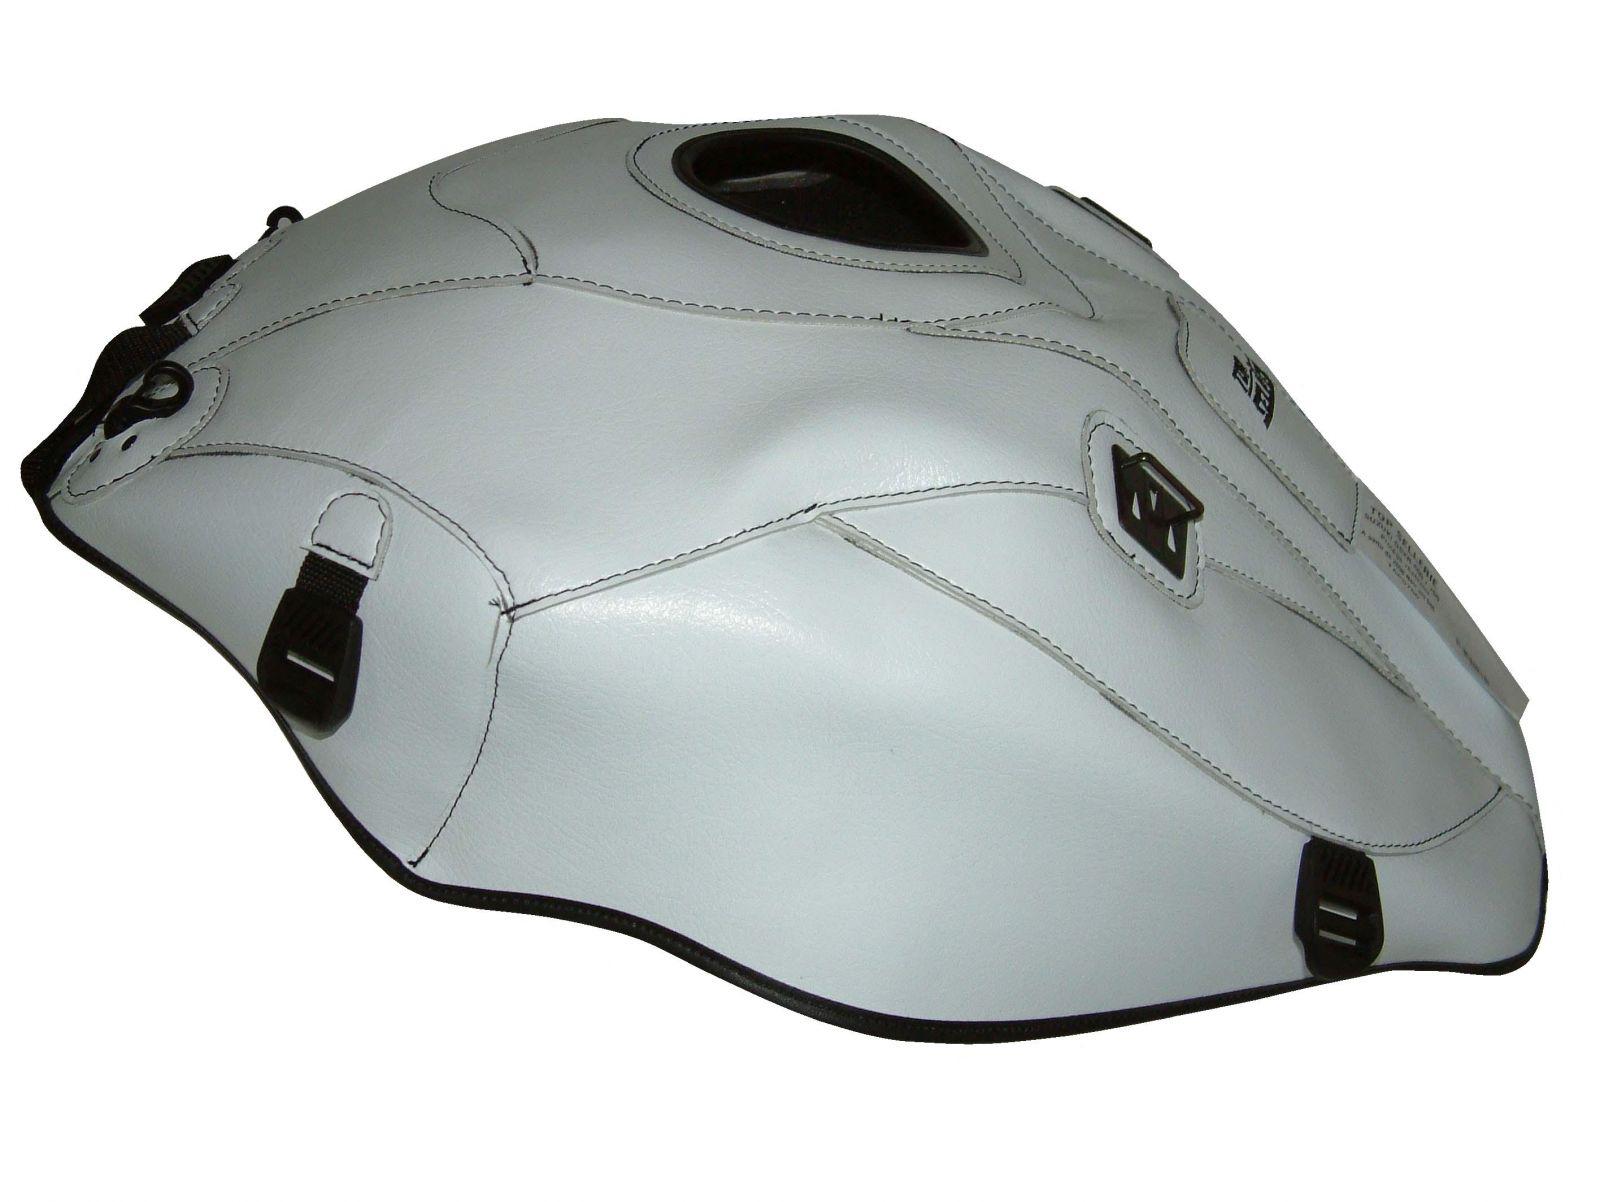 Copri serbatoio TPR5700 - SUZUKI GSX-R 600 [2008-2009]